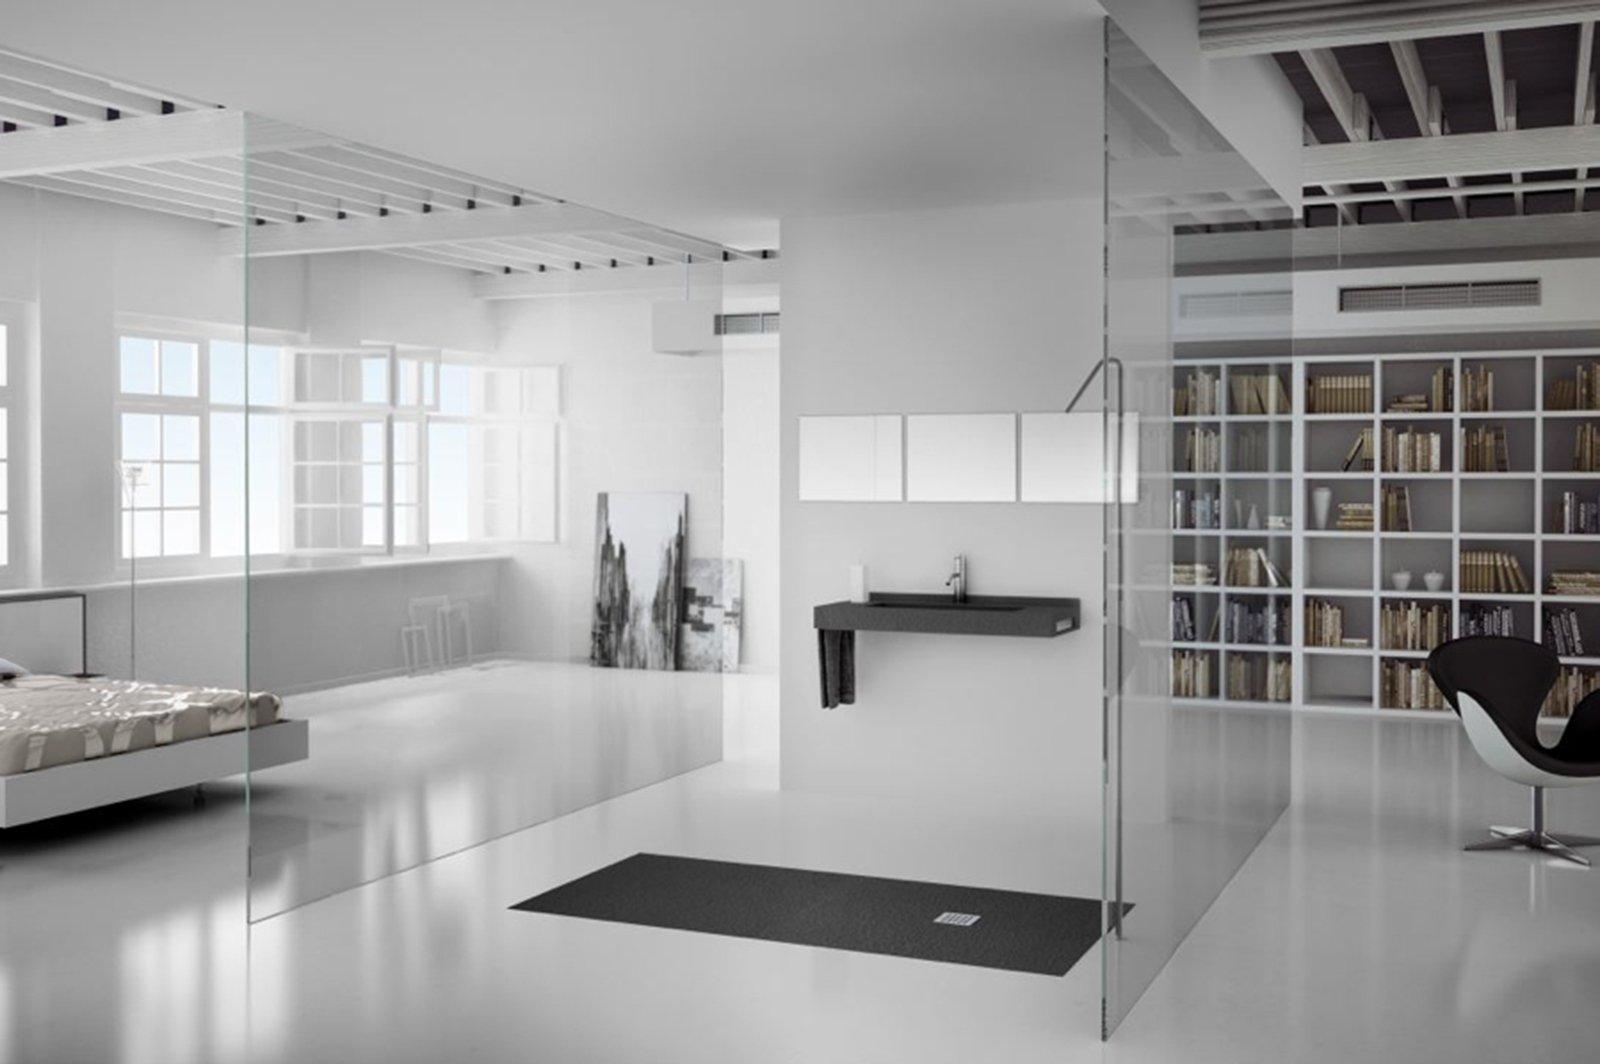 Bagno con finiture cemento o effetto cemento cose di casa - Bagni con doccia a pavimento ...